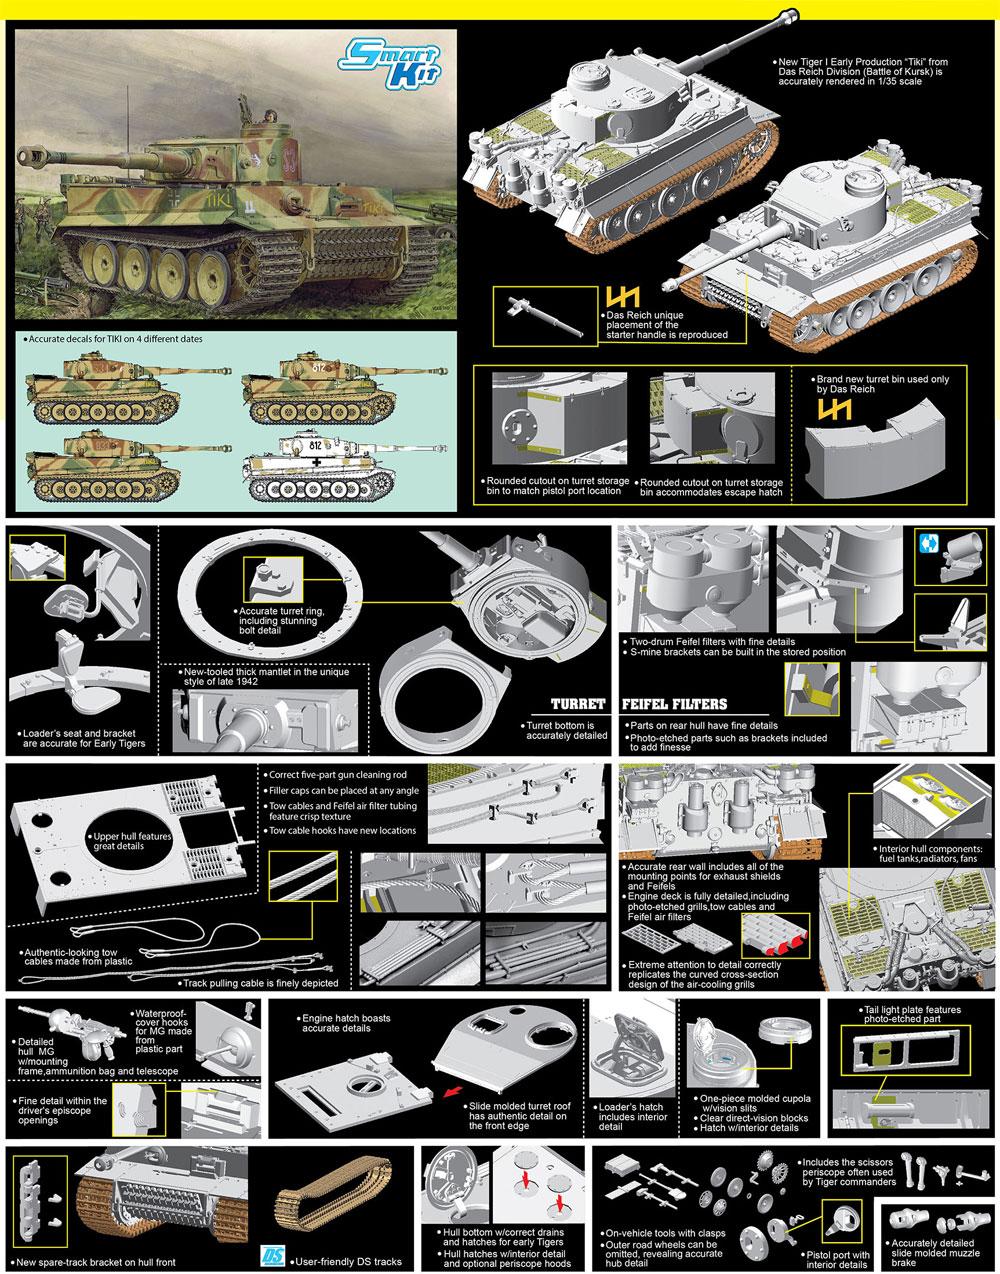 ドイツ ティーガー 1 初期生産型 TiKi ダスライヒ師団  (クルスク戦)プラモデル(ドラゴン1/35 39-45 SeriesNo.6885)商品画像_2